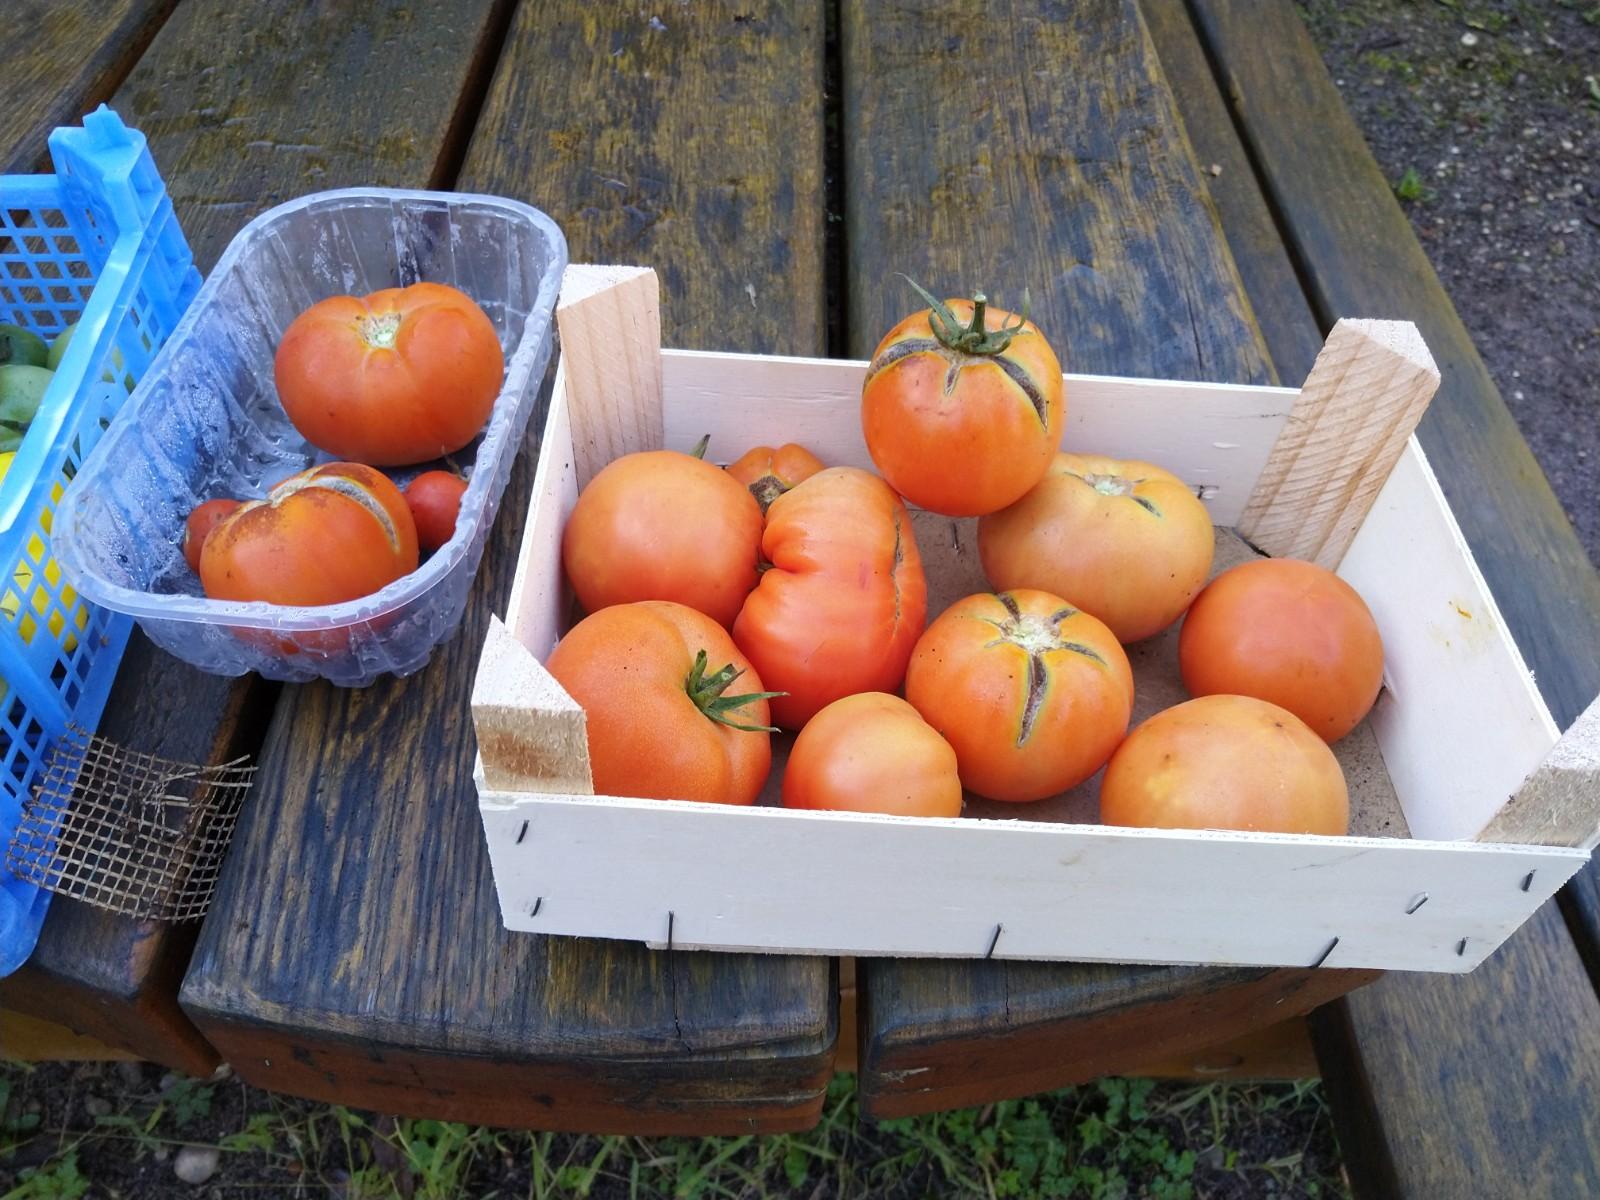 Dernière récolte de tomates - octobre 2019